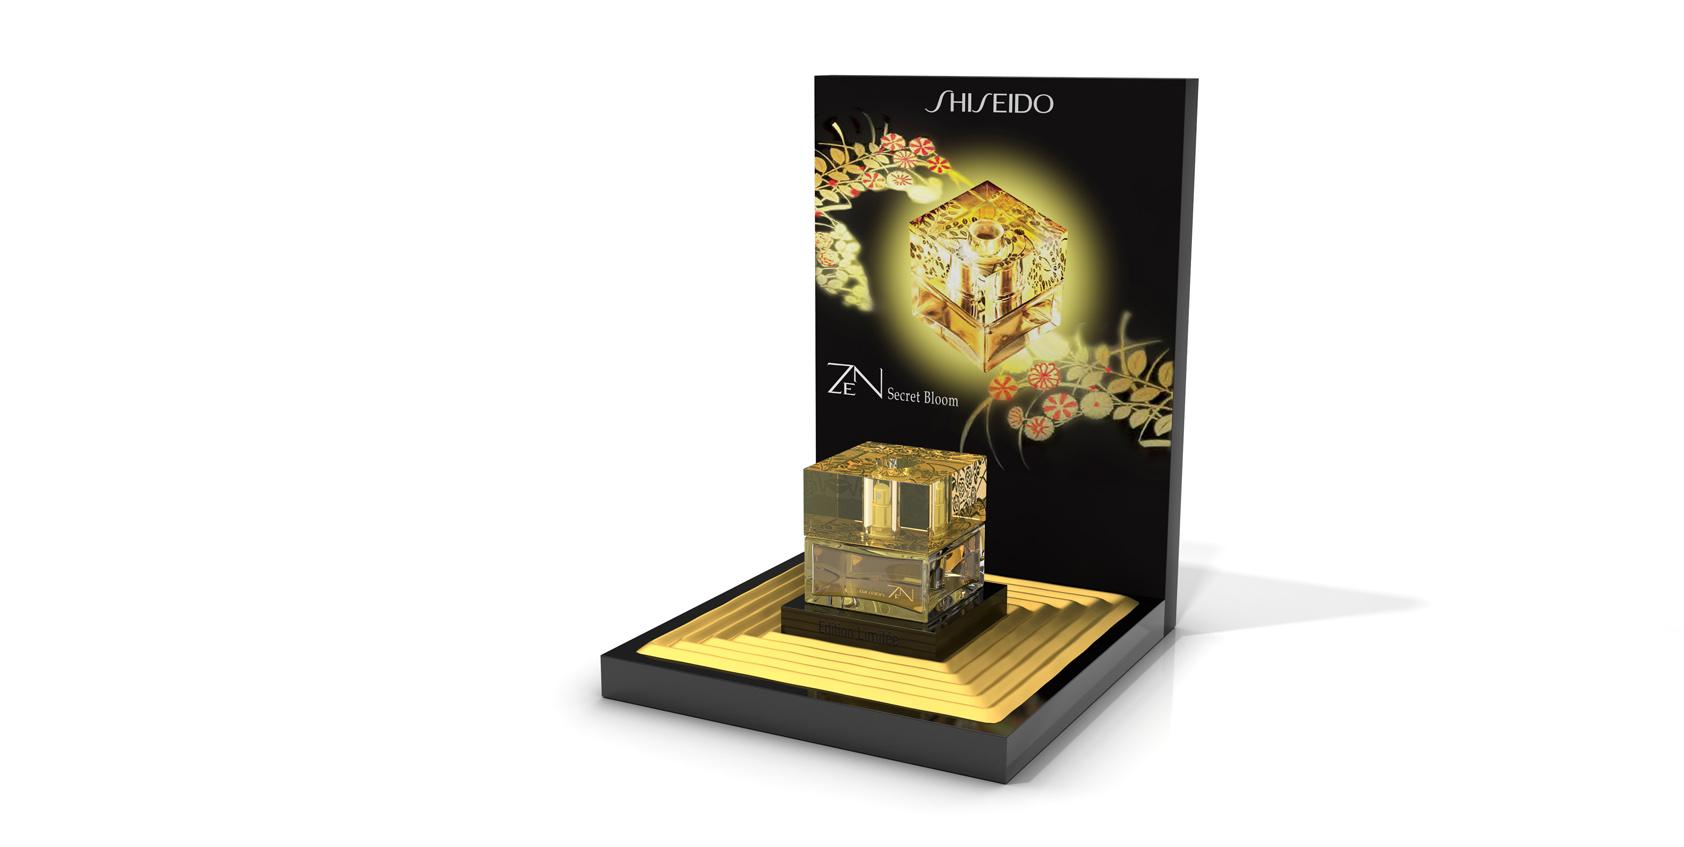 Display Shiseido Fragrance Zen 2013 Freelance 3d